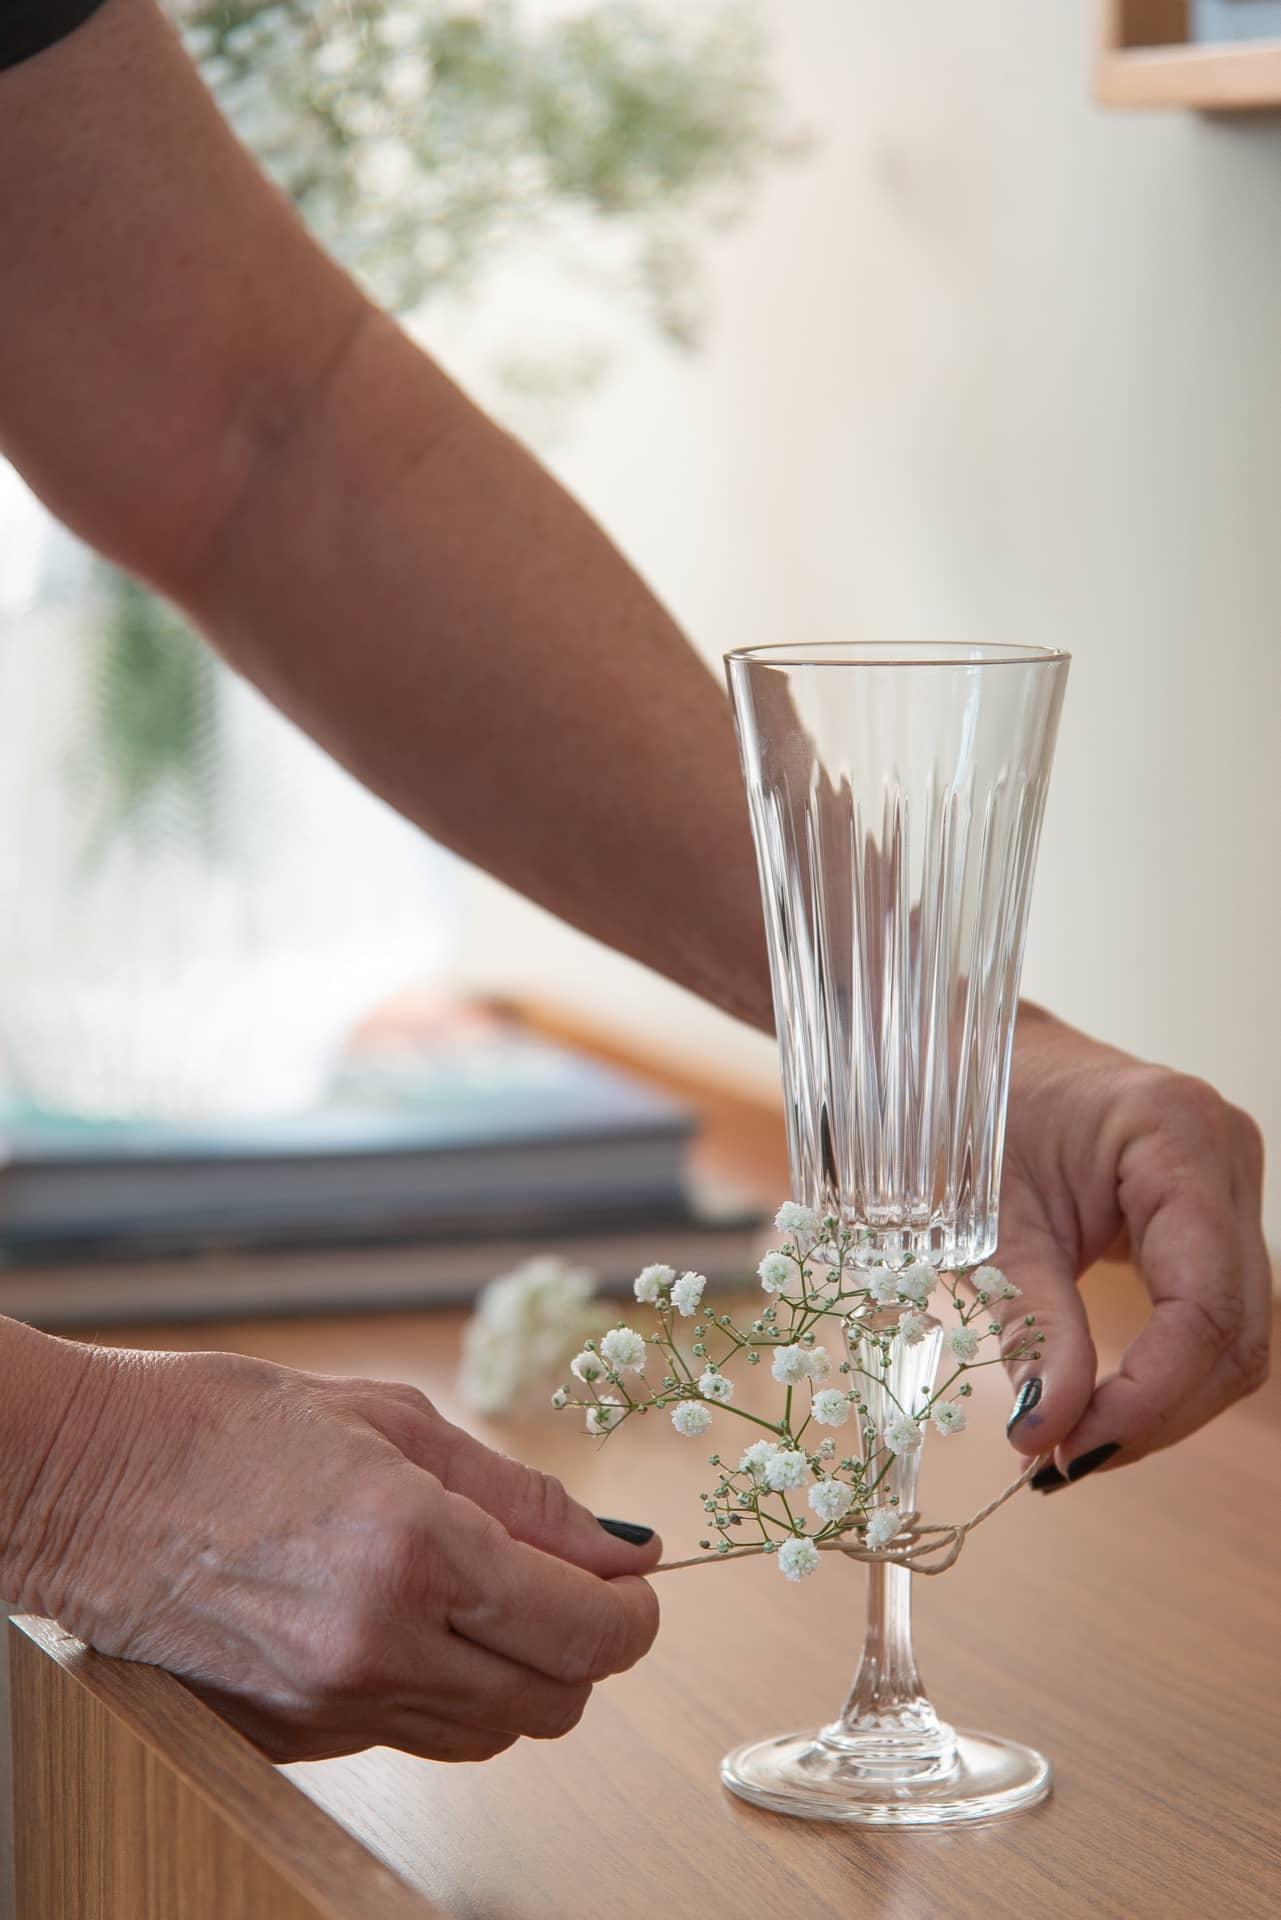 Imagem: Passo 2: corte o fio de rami com a tesoura e amarre frouxamente no pé da taça. Coloque as flores por dentro do barbante e aperte o nó para prendê-las. Foto: Cacá Bratke